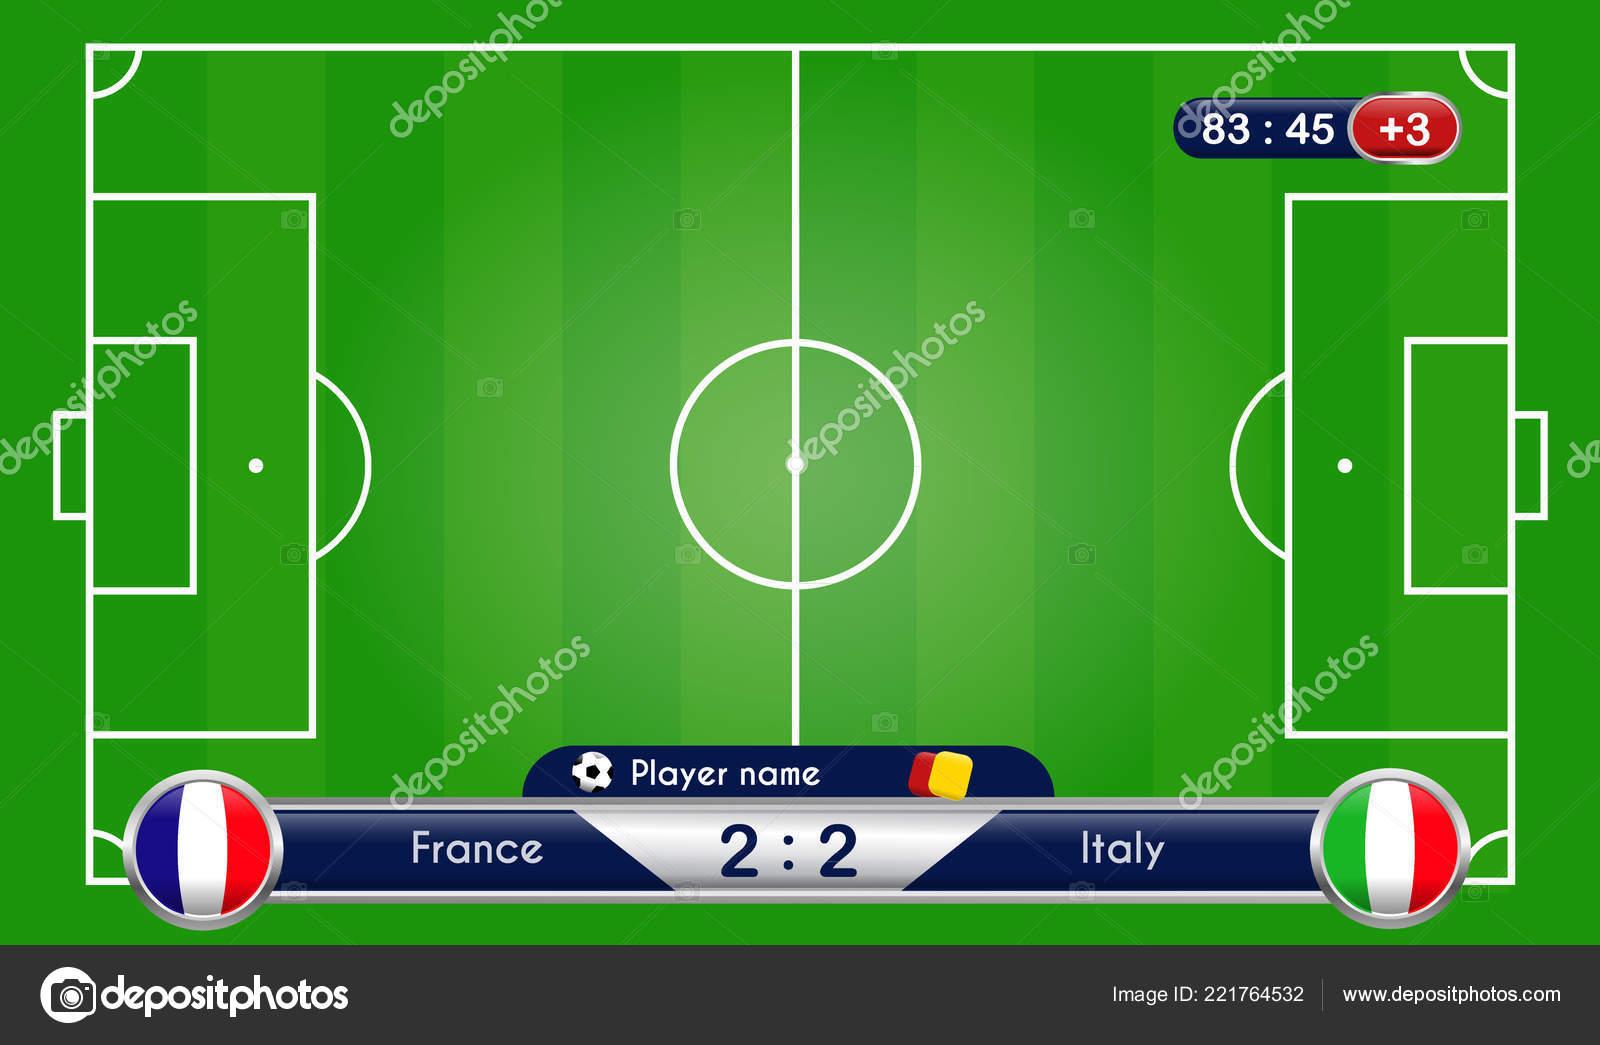 f6af24e879660 Estadísticas de partido de fútbol fútbol. Marcador y fútbol campo de juego.  Francia contra la selección de Italia. Ilustración de vector de fondo  digital.